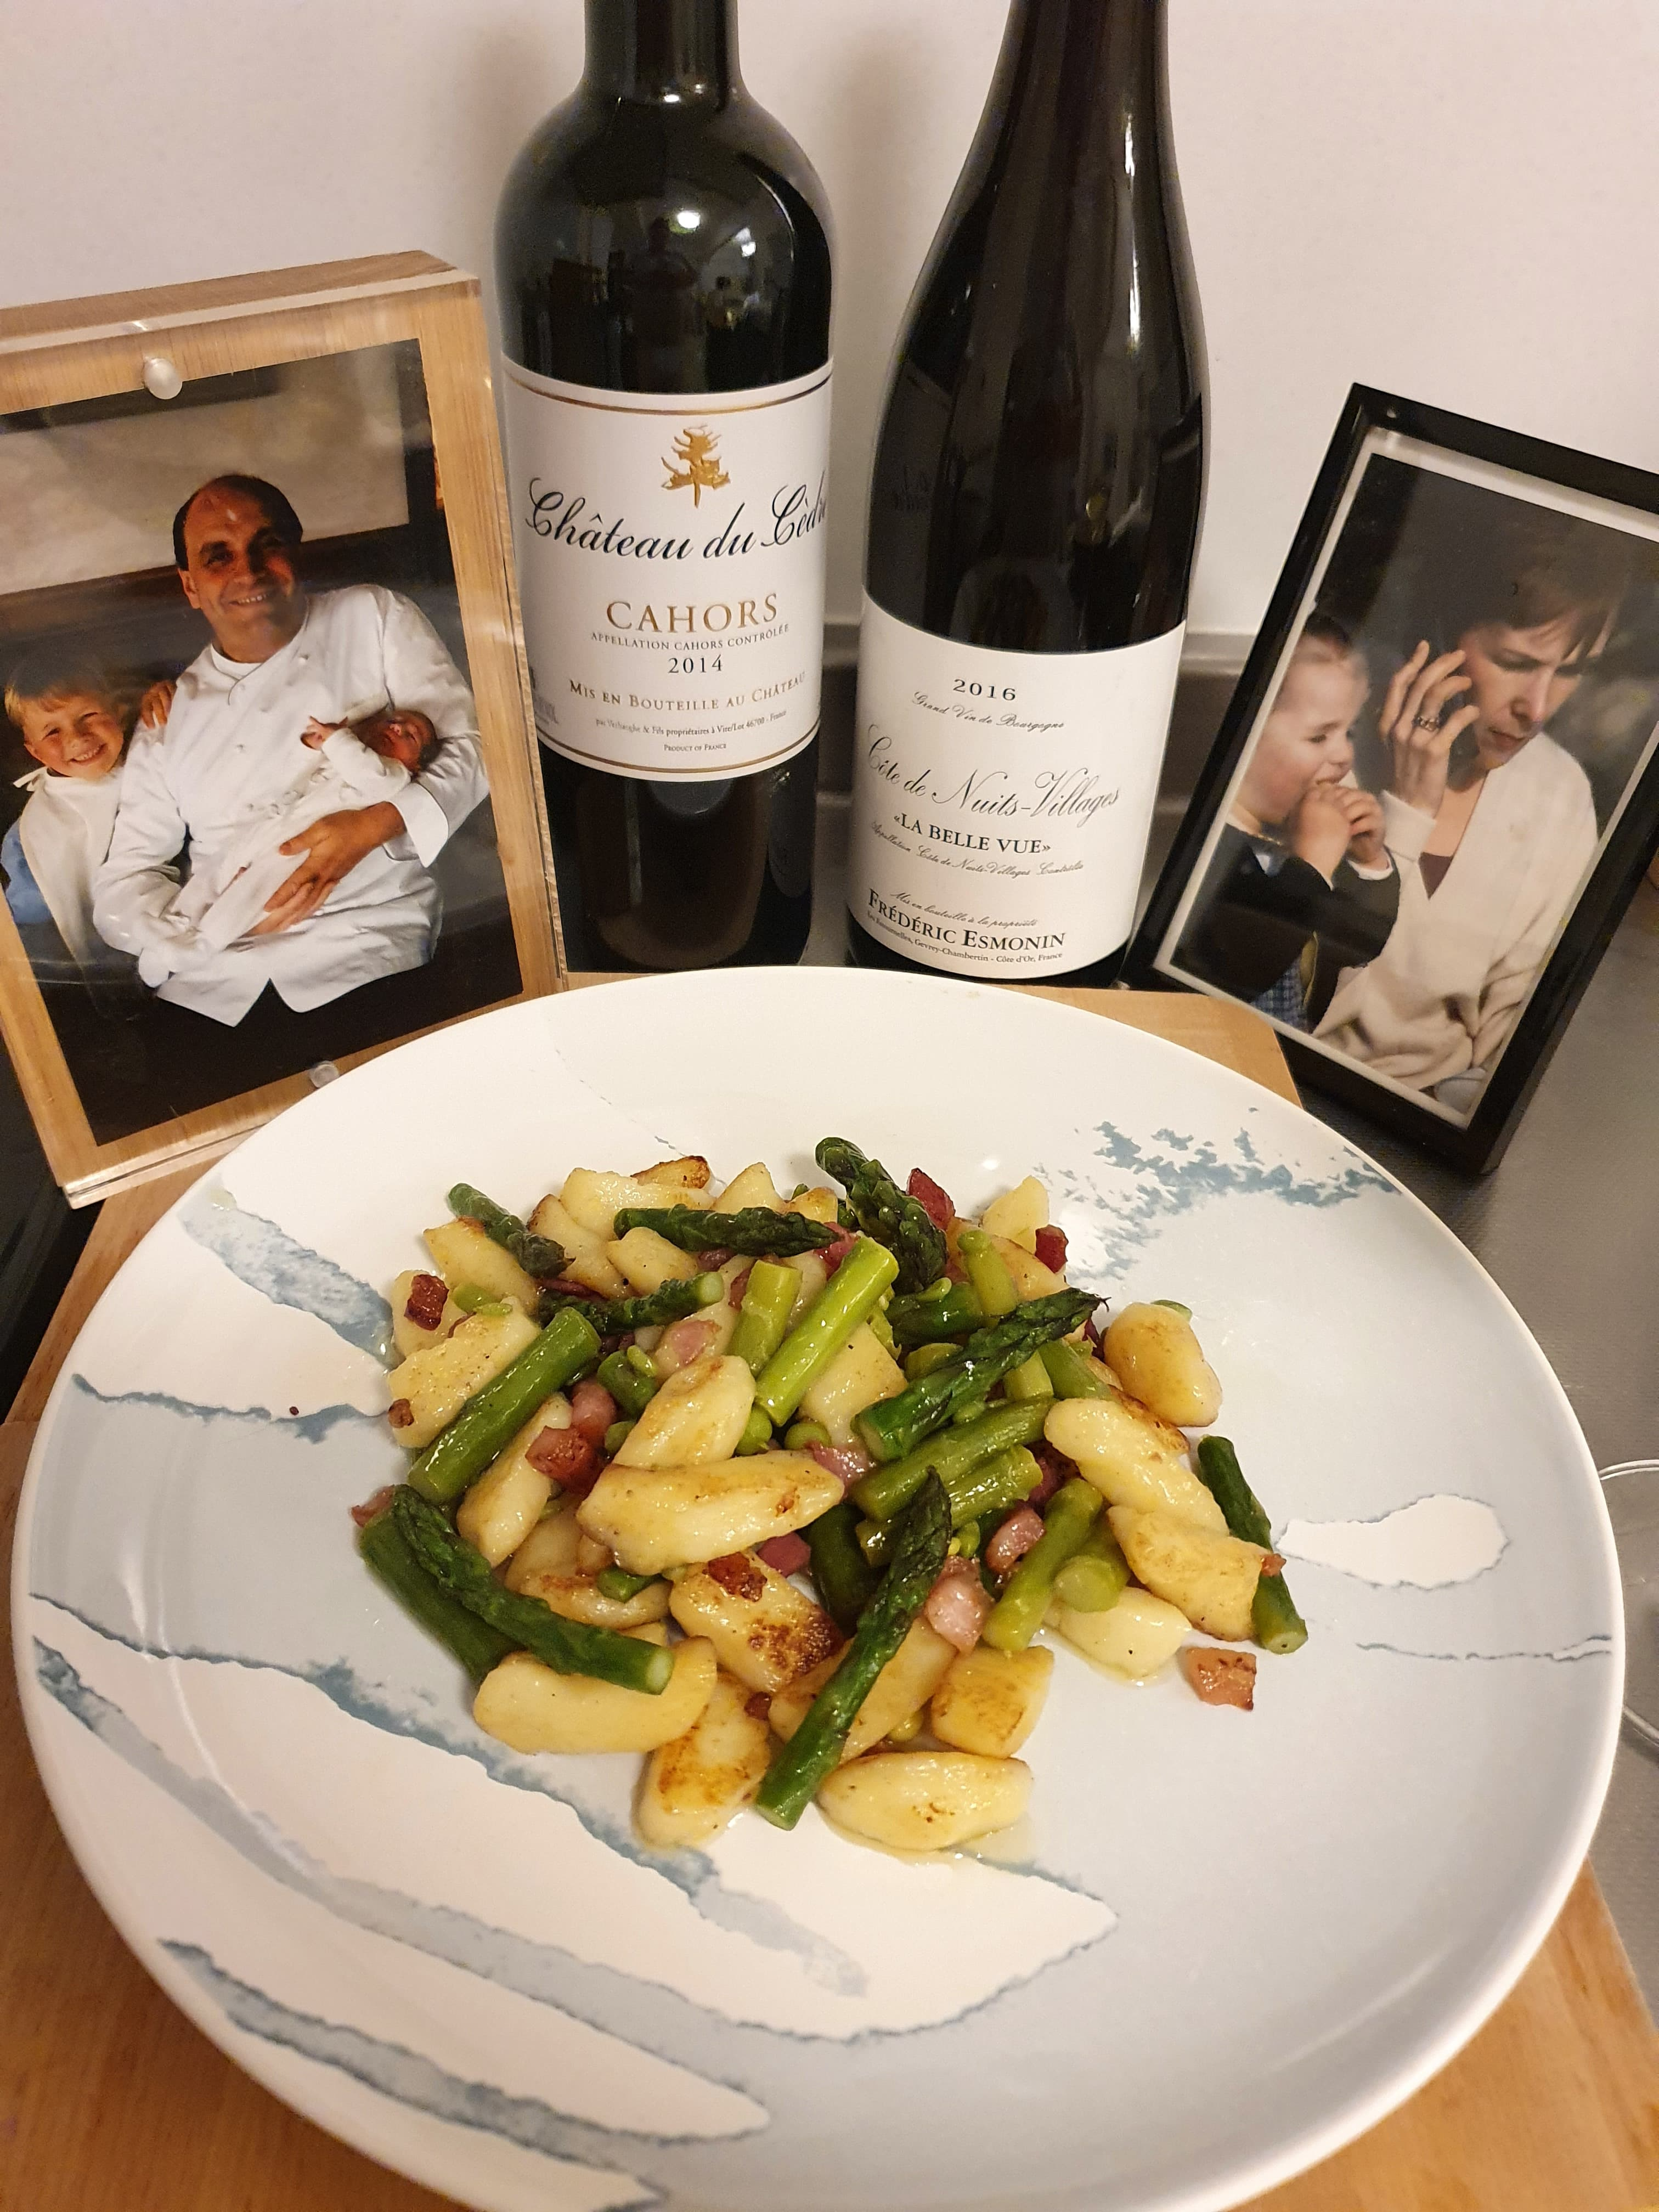 La recette de Blanche Loiseau : gnocchis maison à la pancetta et asperges poêlées